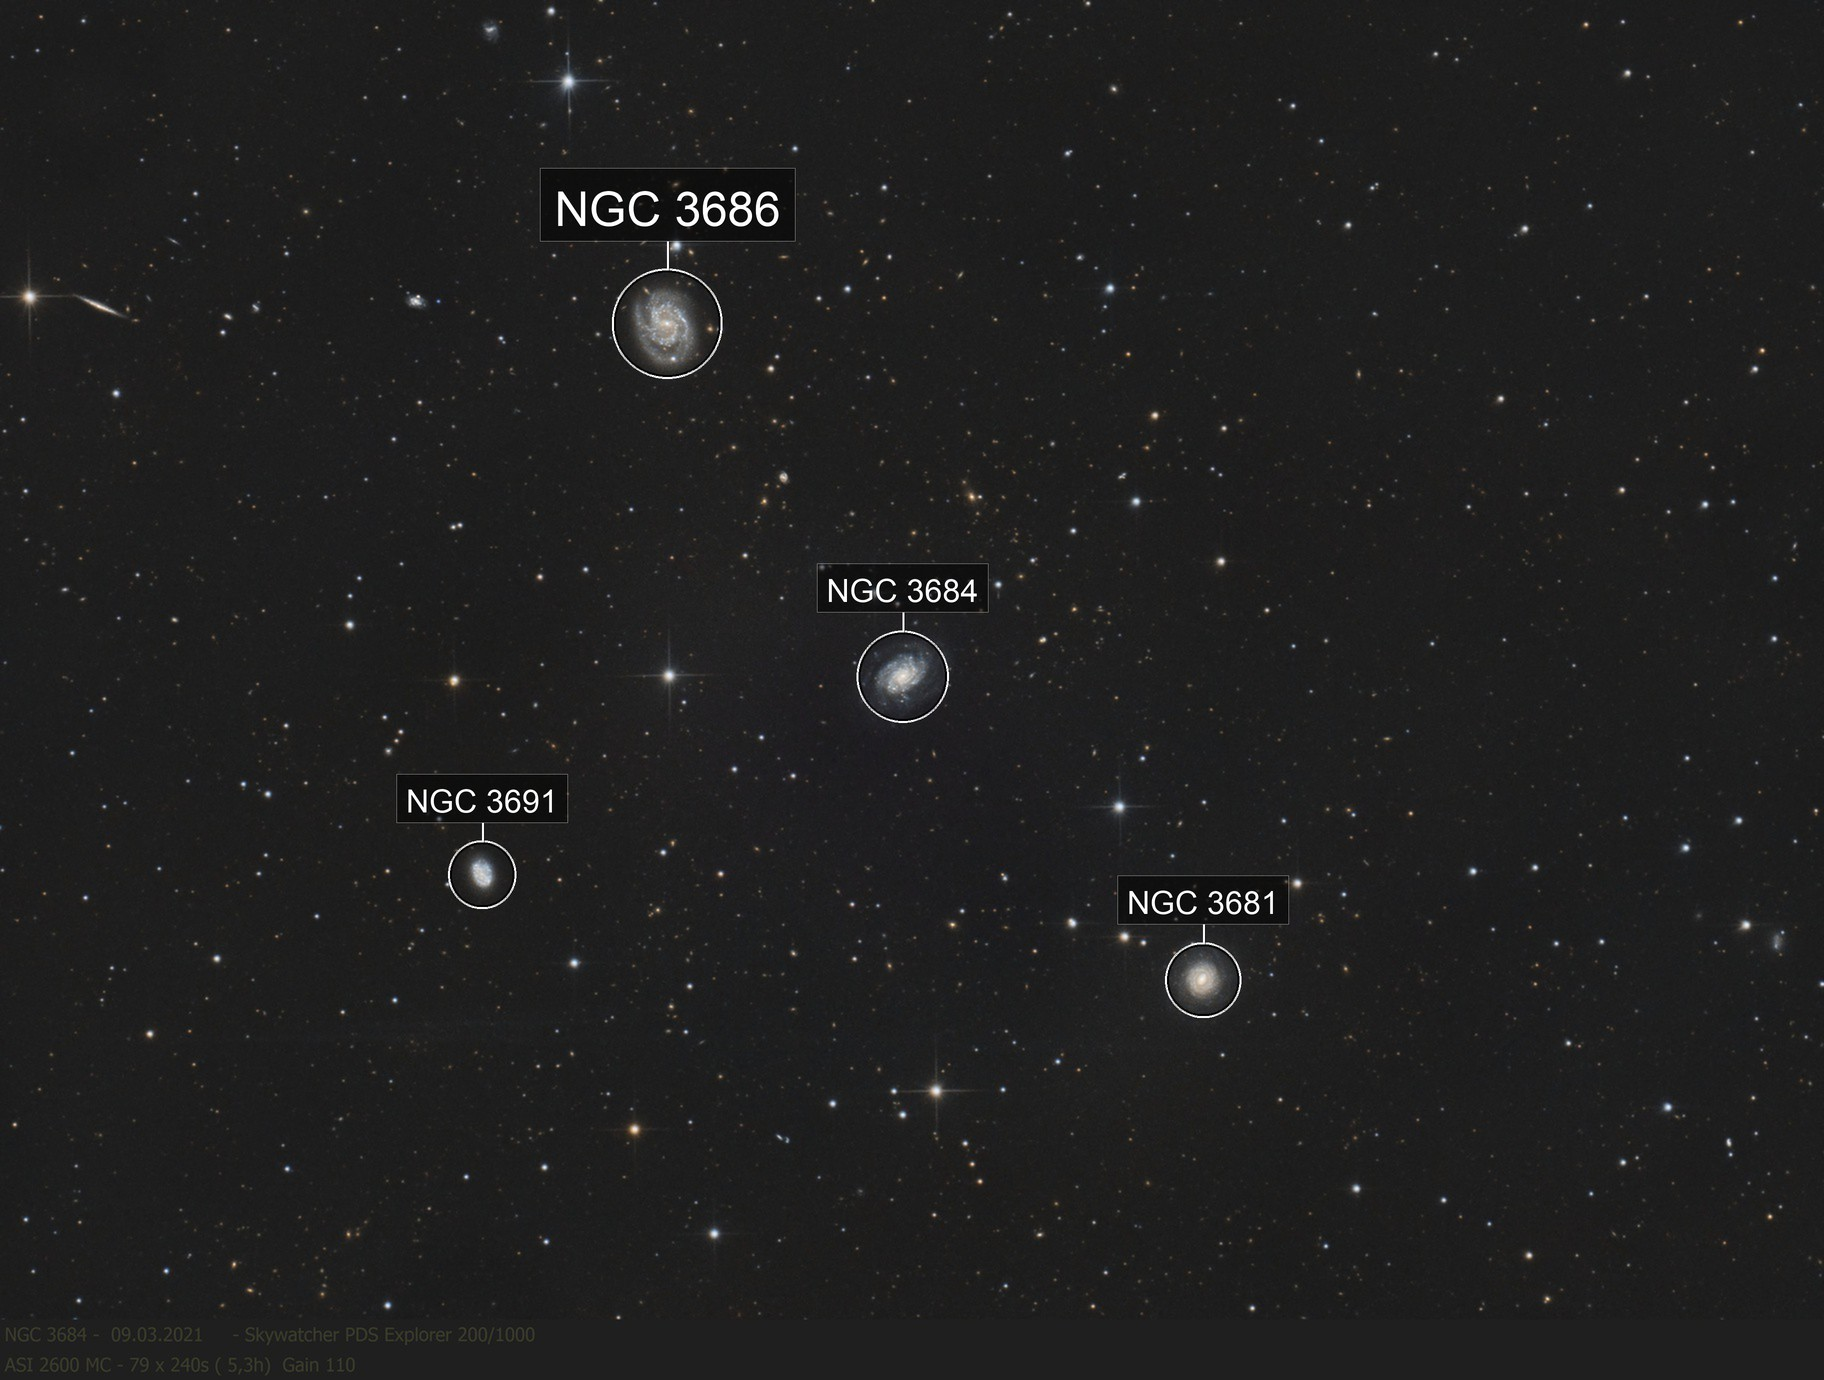 NGC 3684